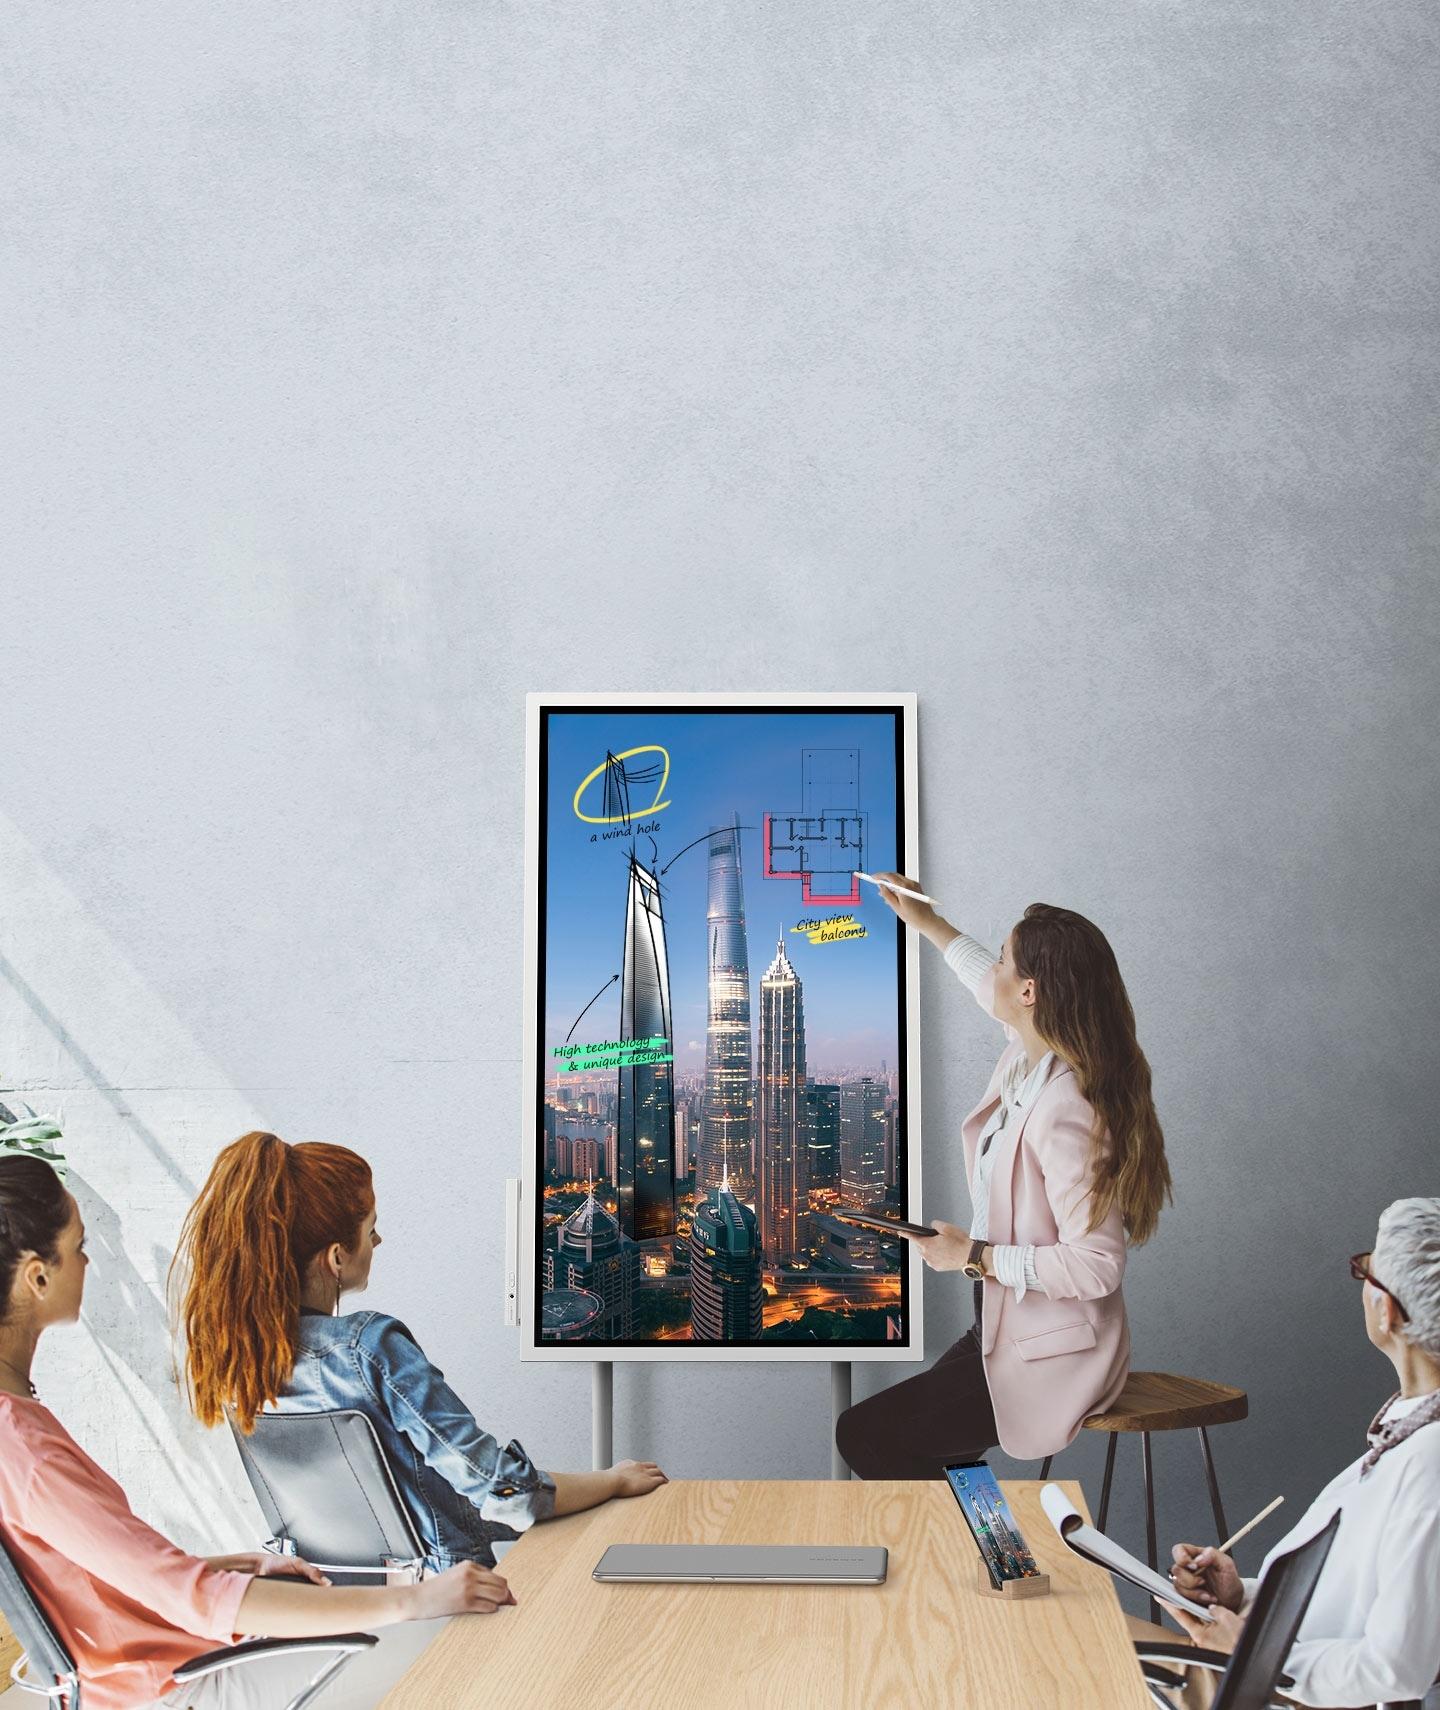 Una imagen que muestra a cuatro personas en una reunión donde se conectan un dispositivo Samsung Flip y un teléfono inteligente, mostrando las mismas imágenes. Miran la pantalla del Samsung Flip posicionado en modo Portait y dos de ellos toman notas.